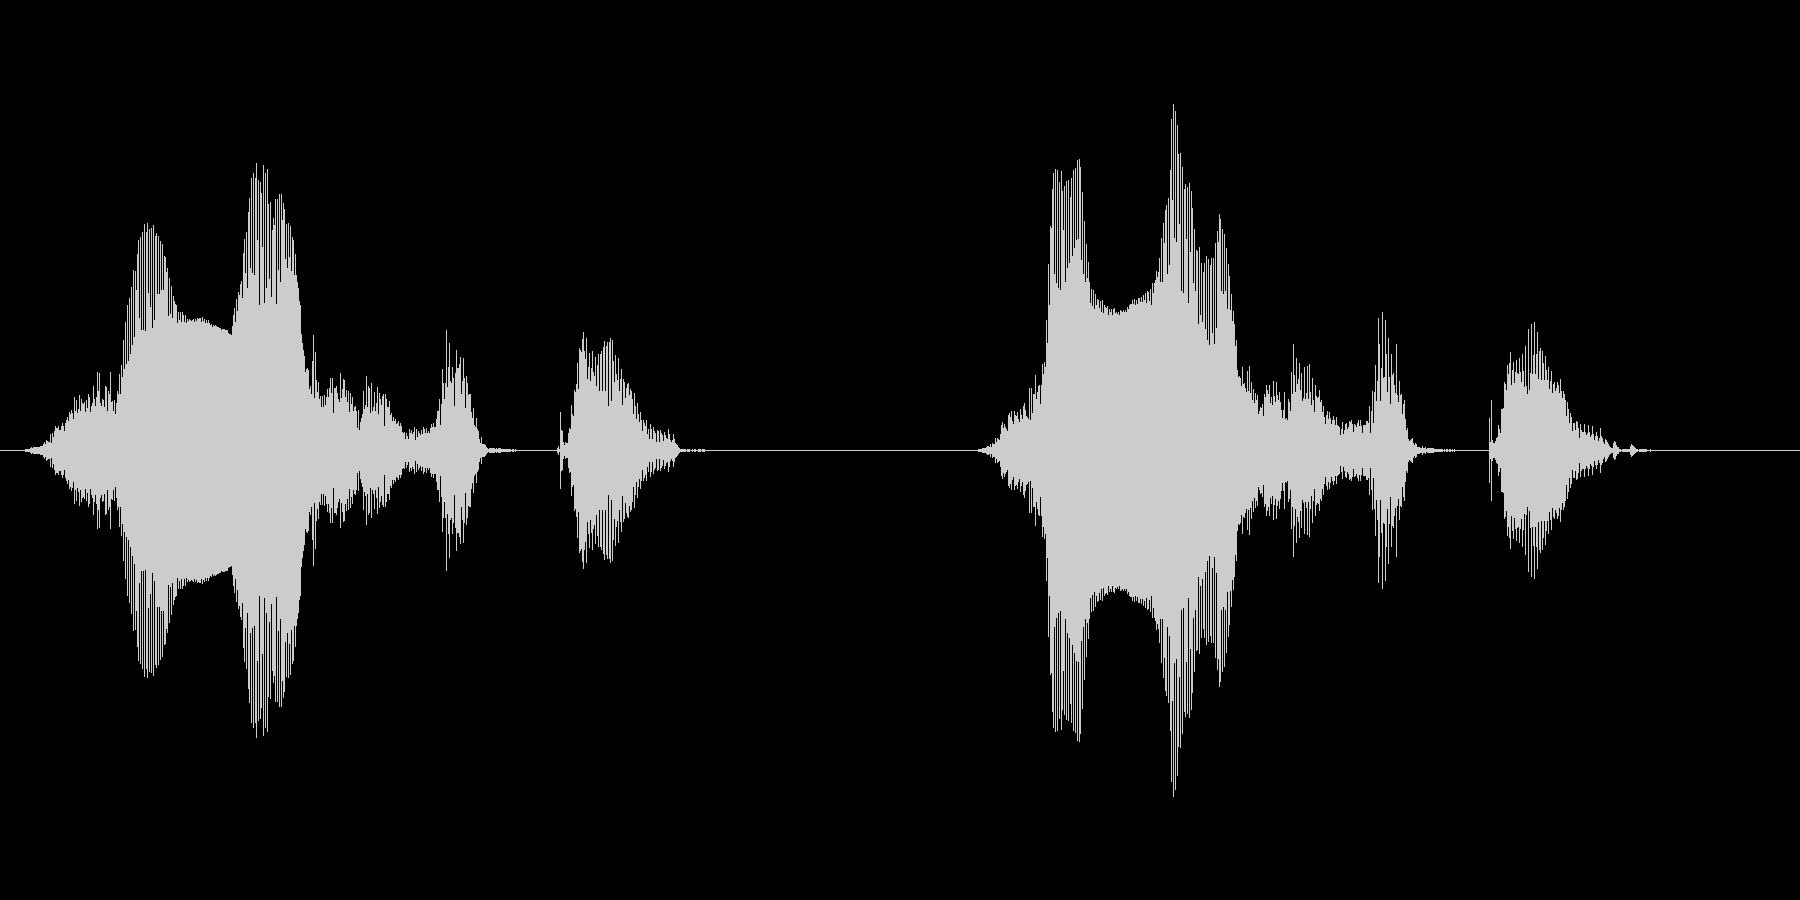 侵入者発見 女性の固めの音声の未再生の波形